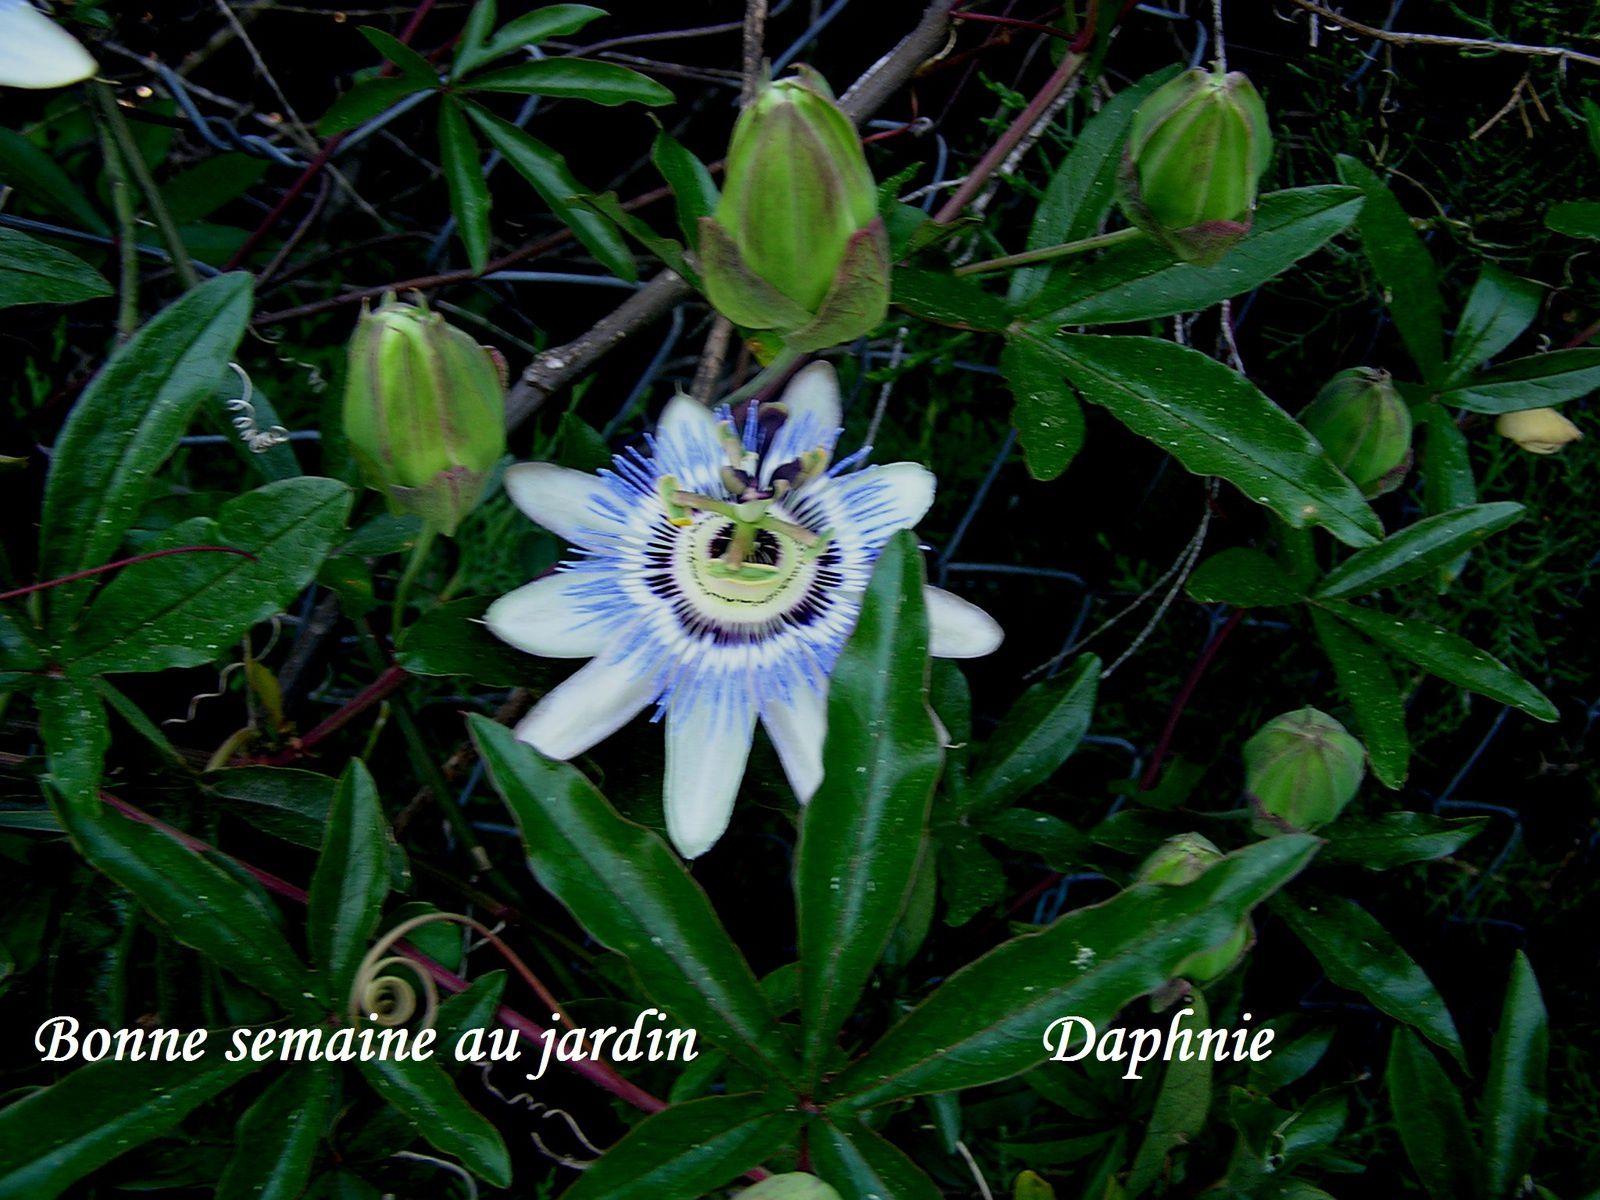 4 saisons au jardin : printemps 2015